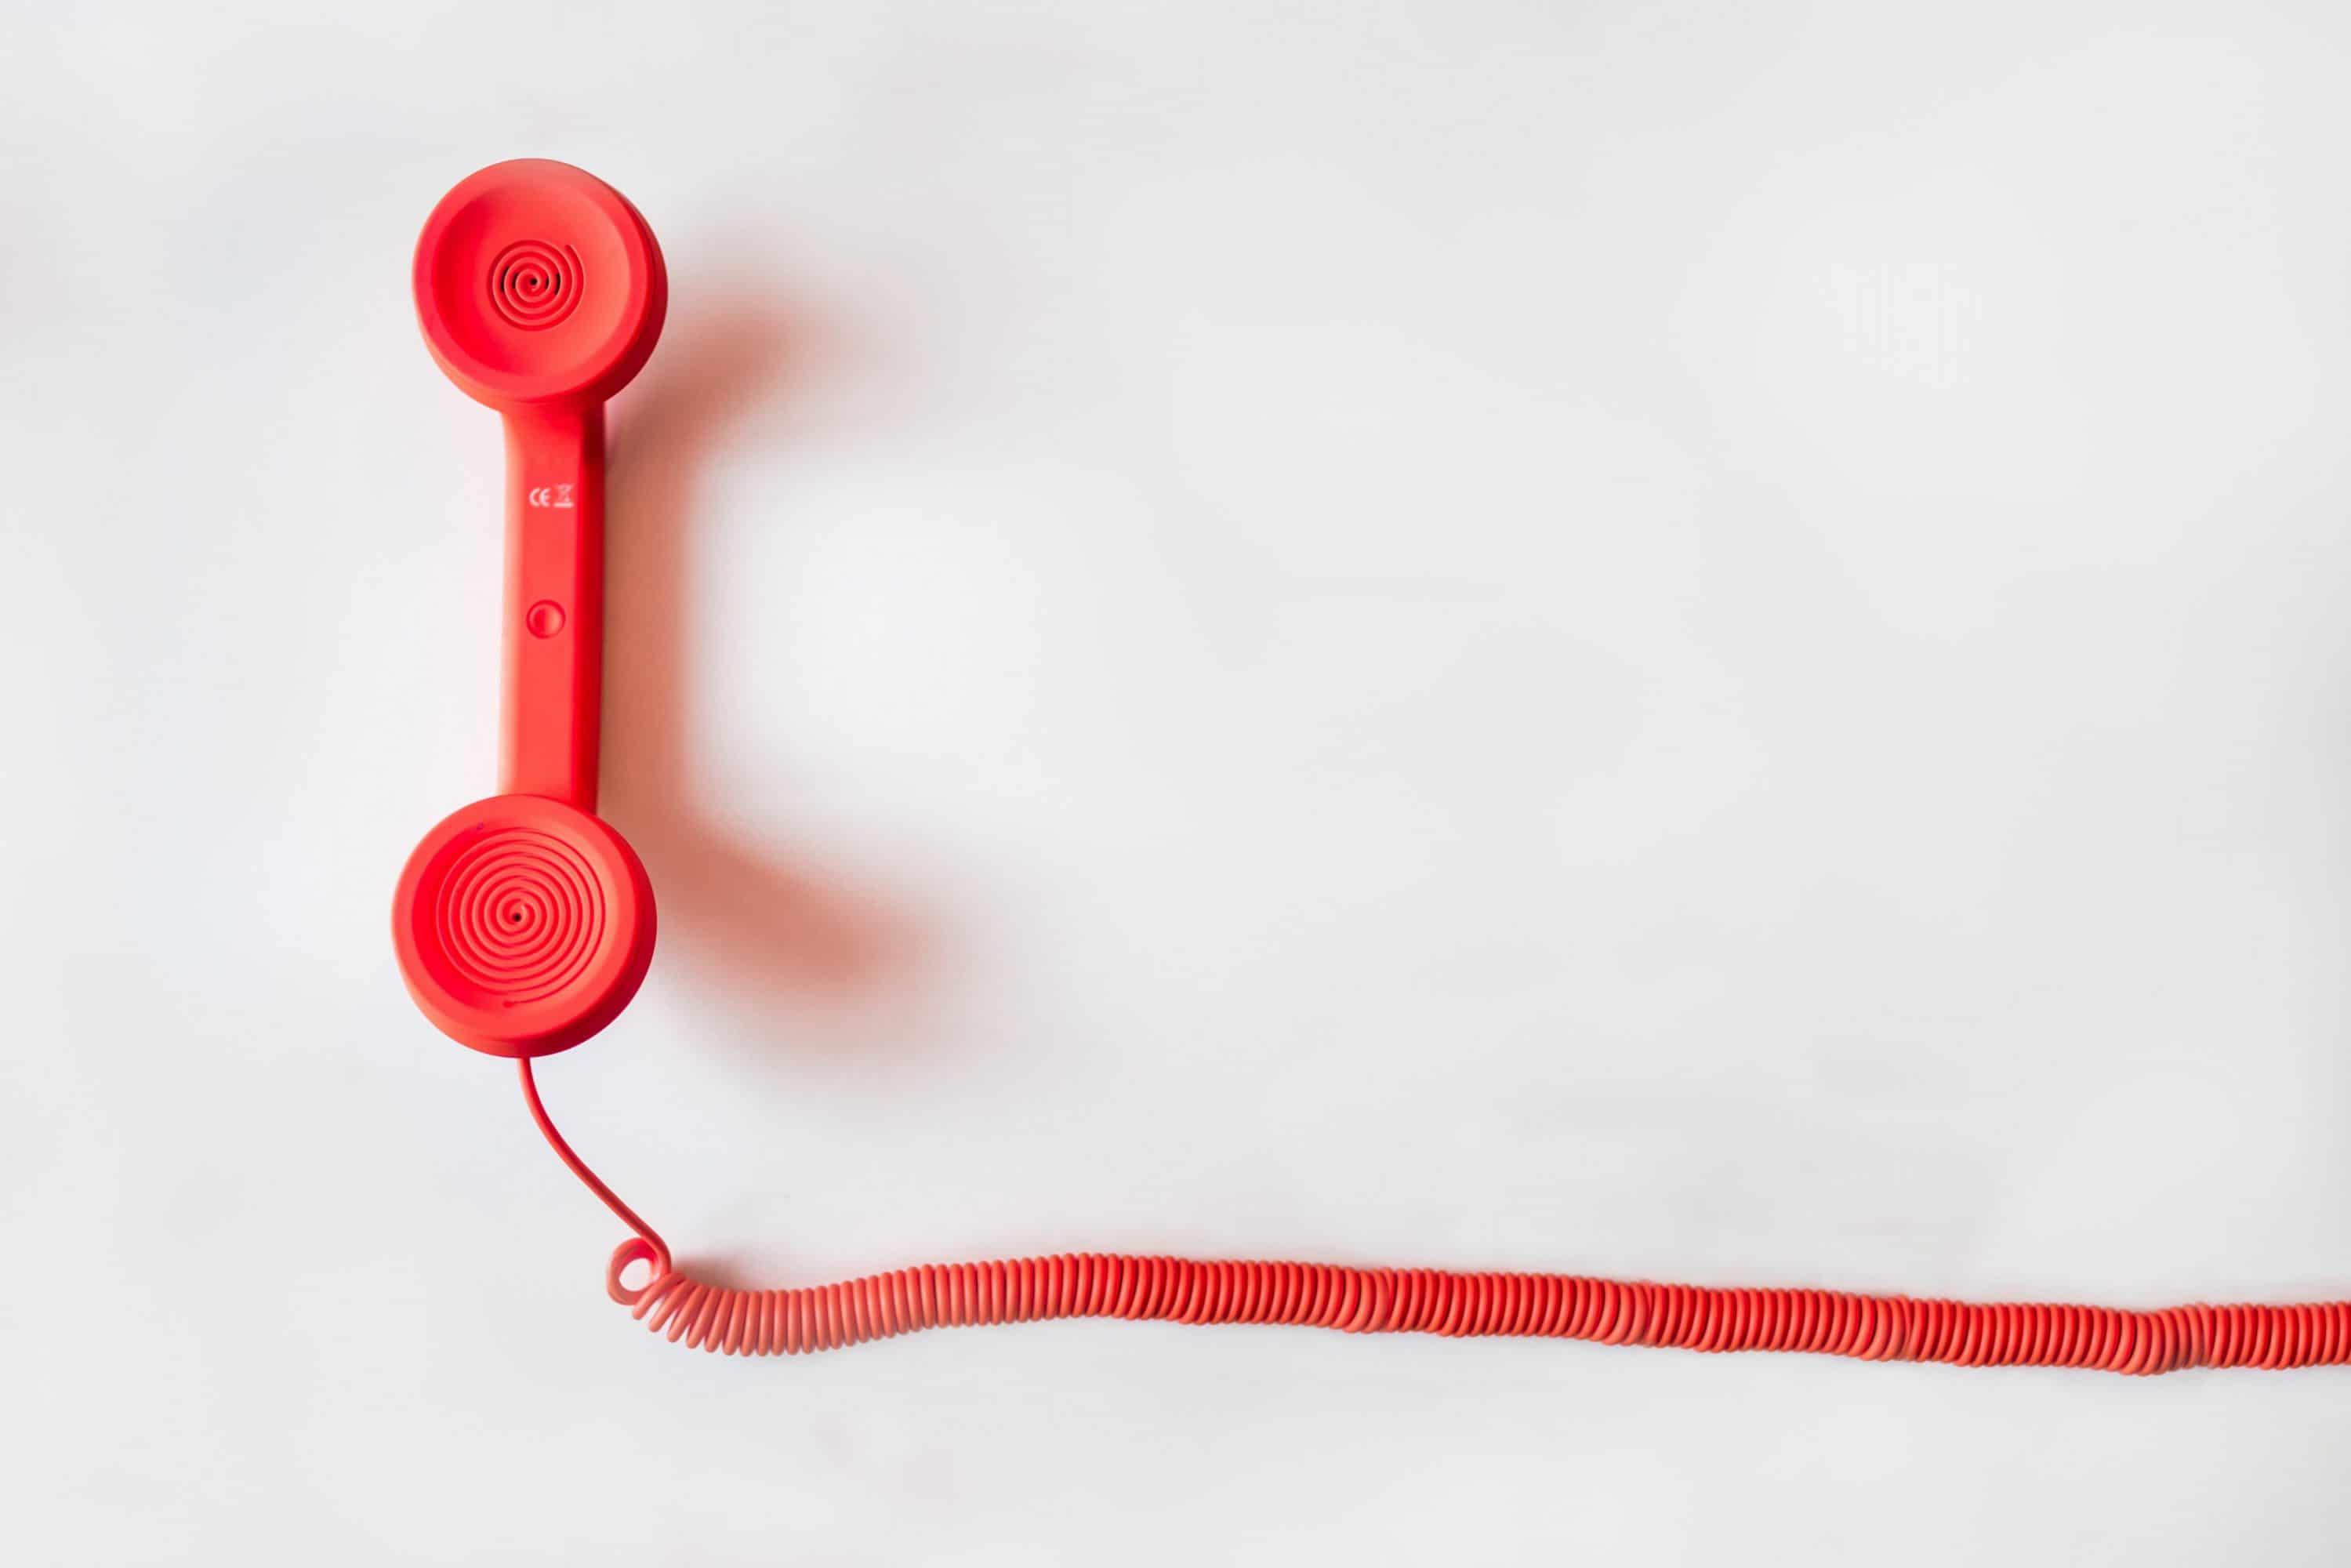 Rotes Telefon. Rufen Sie uns an um Ihr Kfz-Schadengutachten zu besprechen.